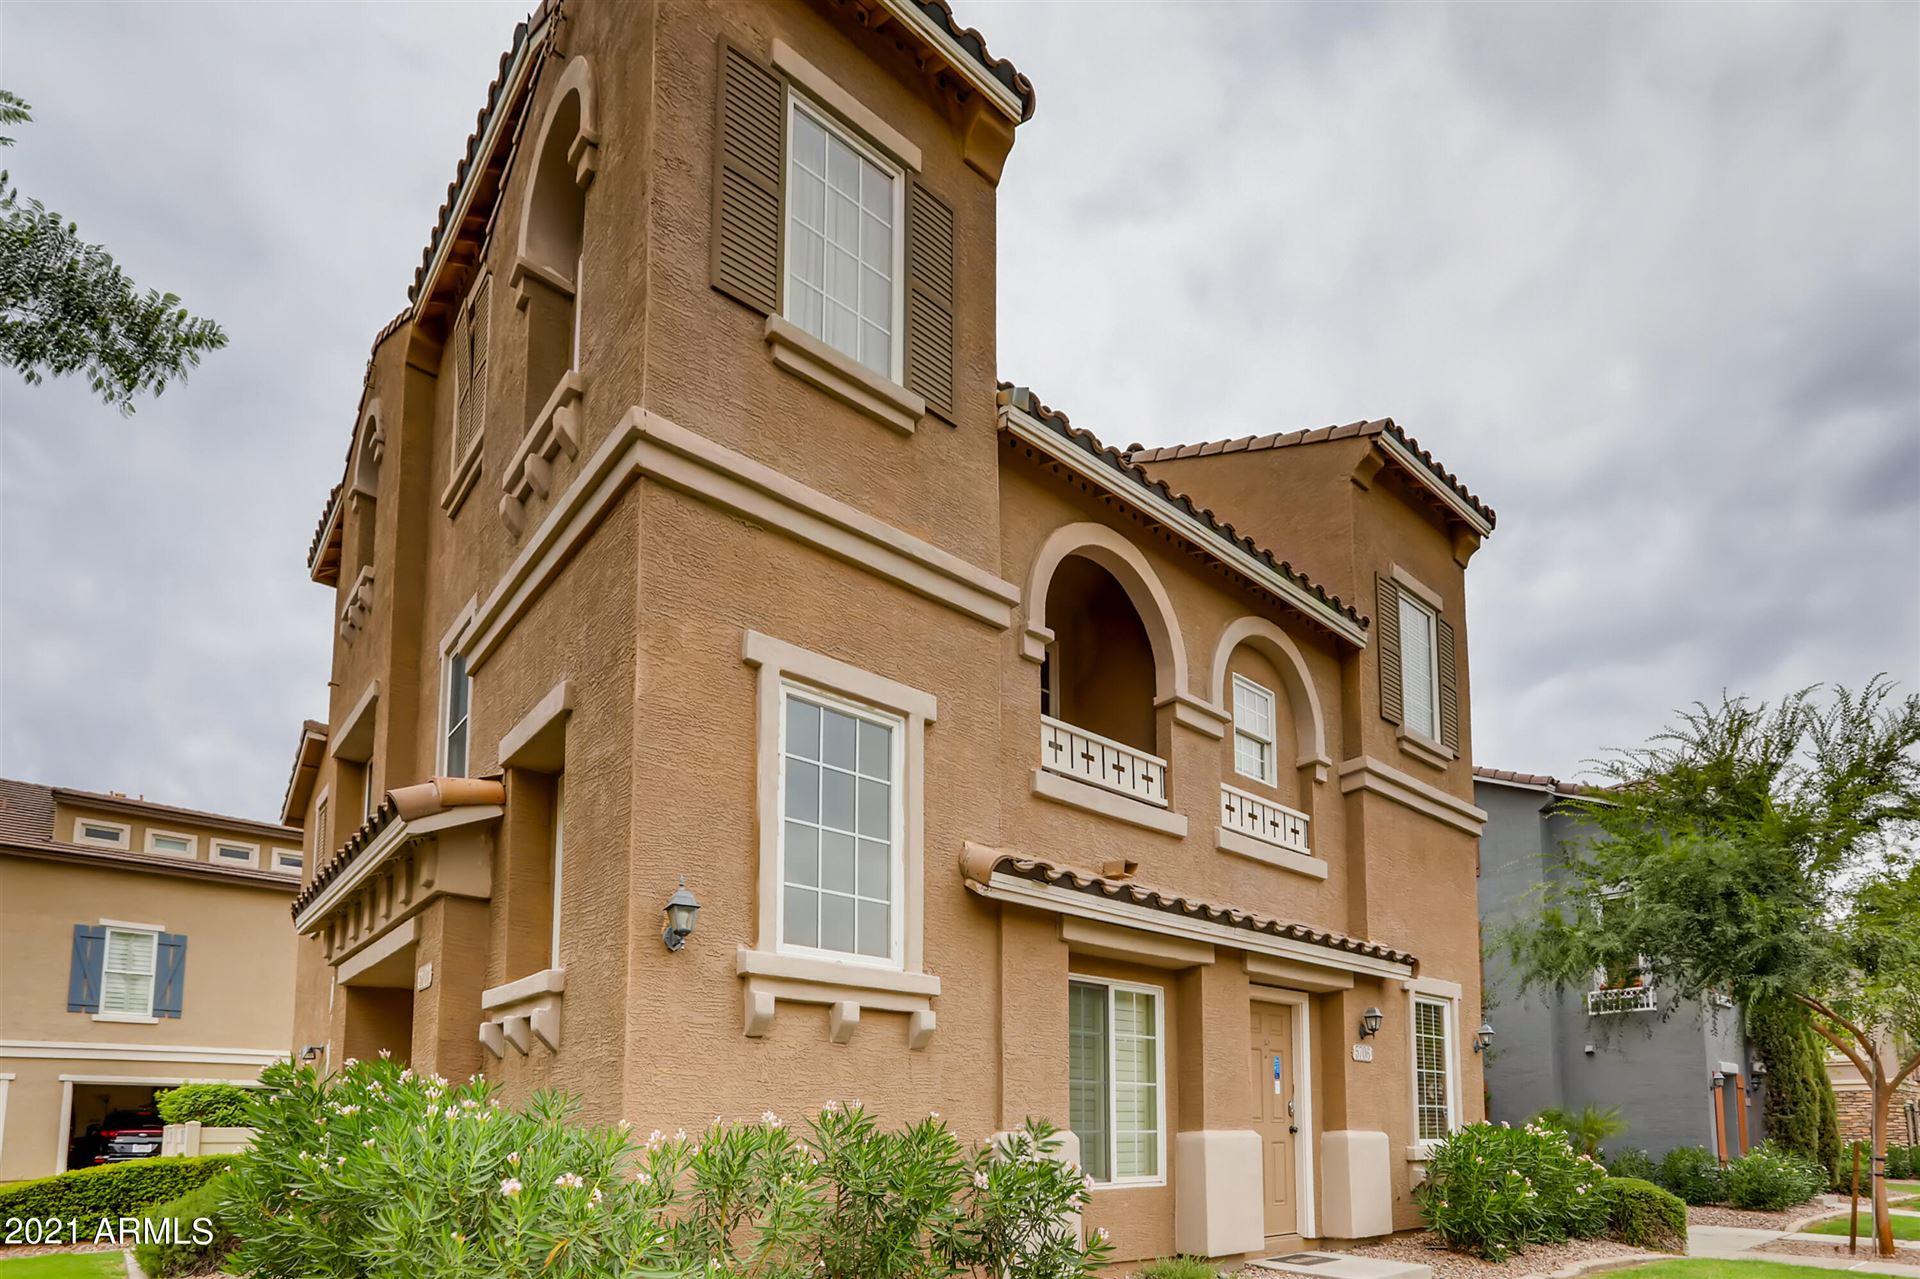 5706 S 21ST Terrace, Phoenix, AZ 85040 - MLS#: 6253999